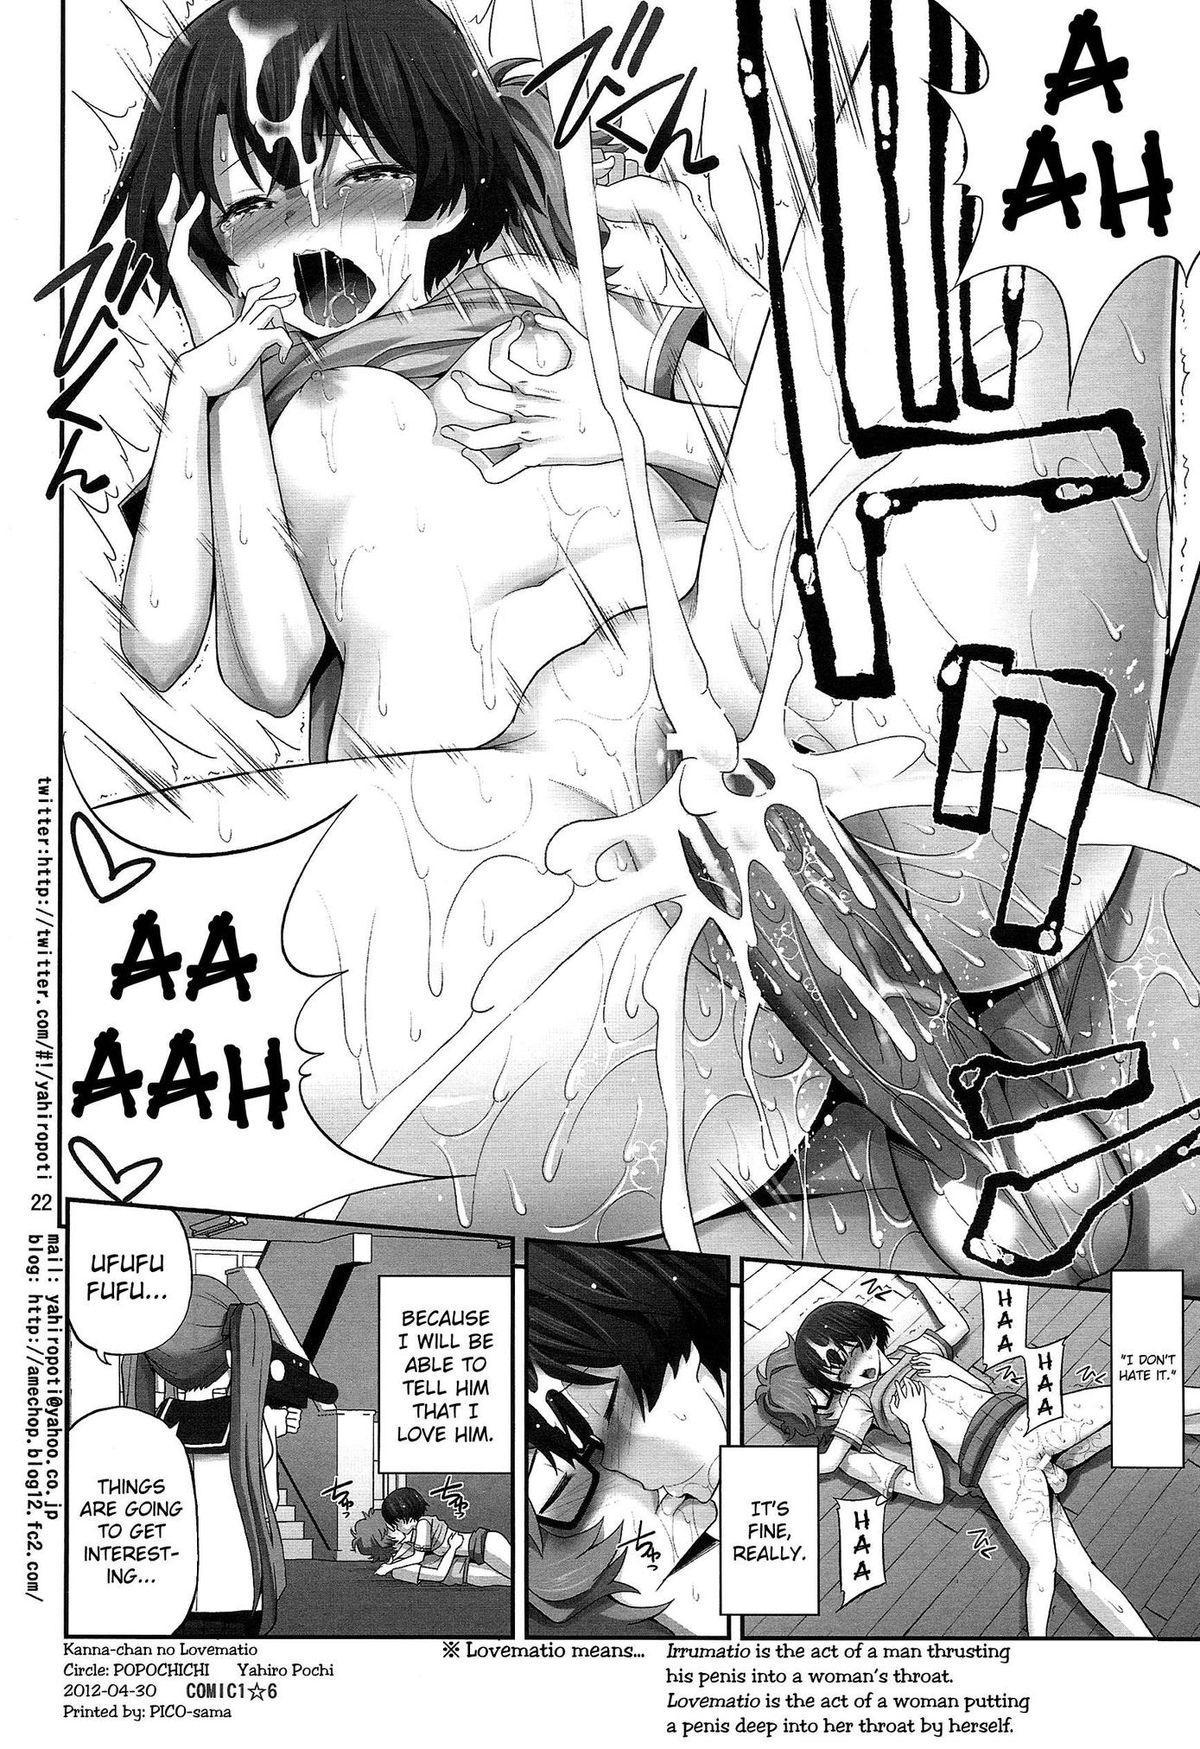 (COMIC1☆6) [Popochichi (Yahiro Pochi)] Kanna-chan no Lovematio | Kanna-chan's Lovematio (Ano Natsu de Matteru) [English] [doujin-moe.us] 20